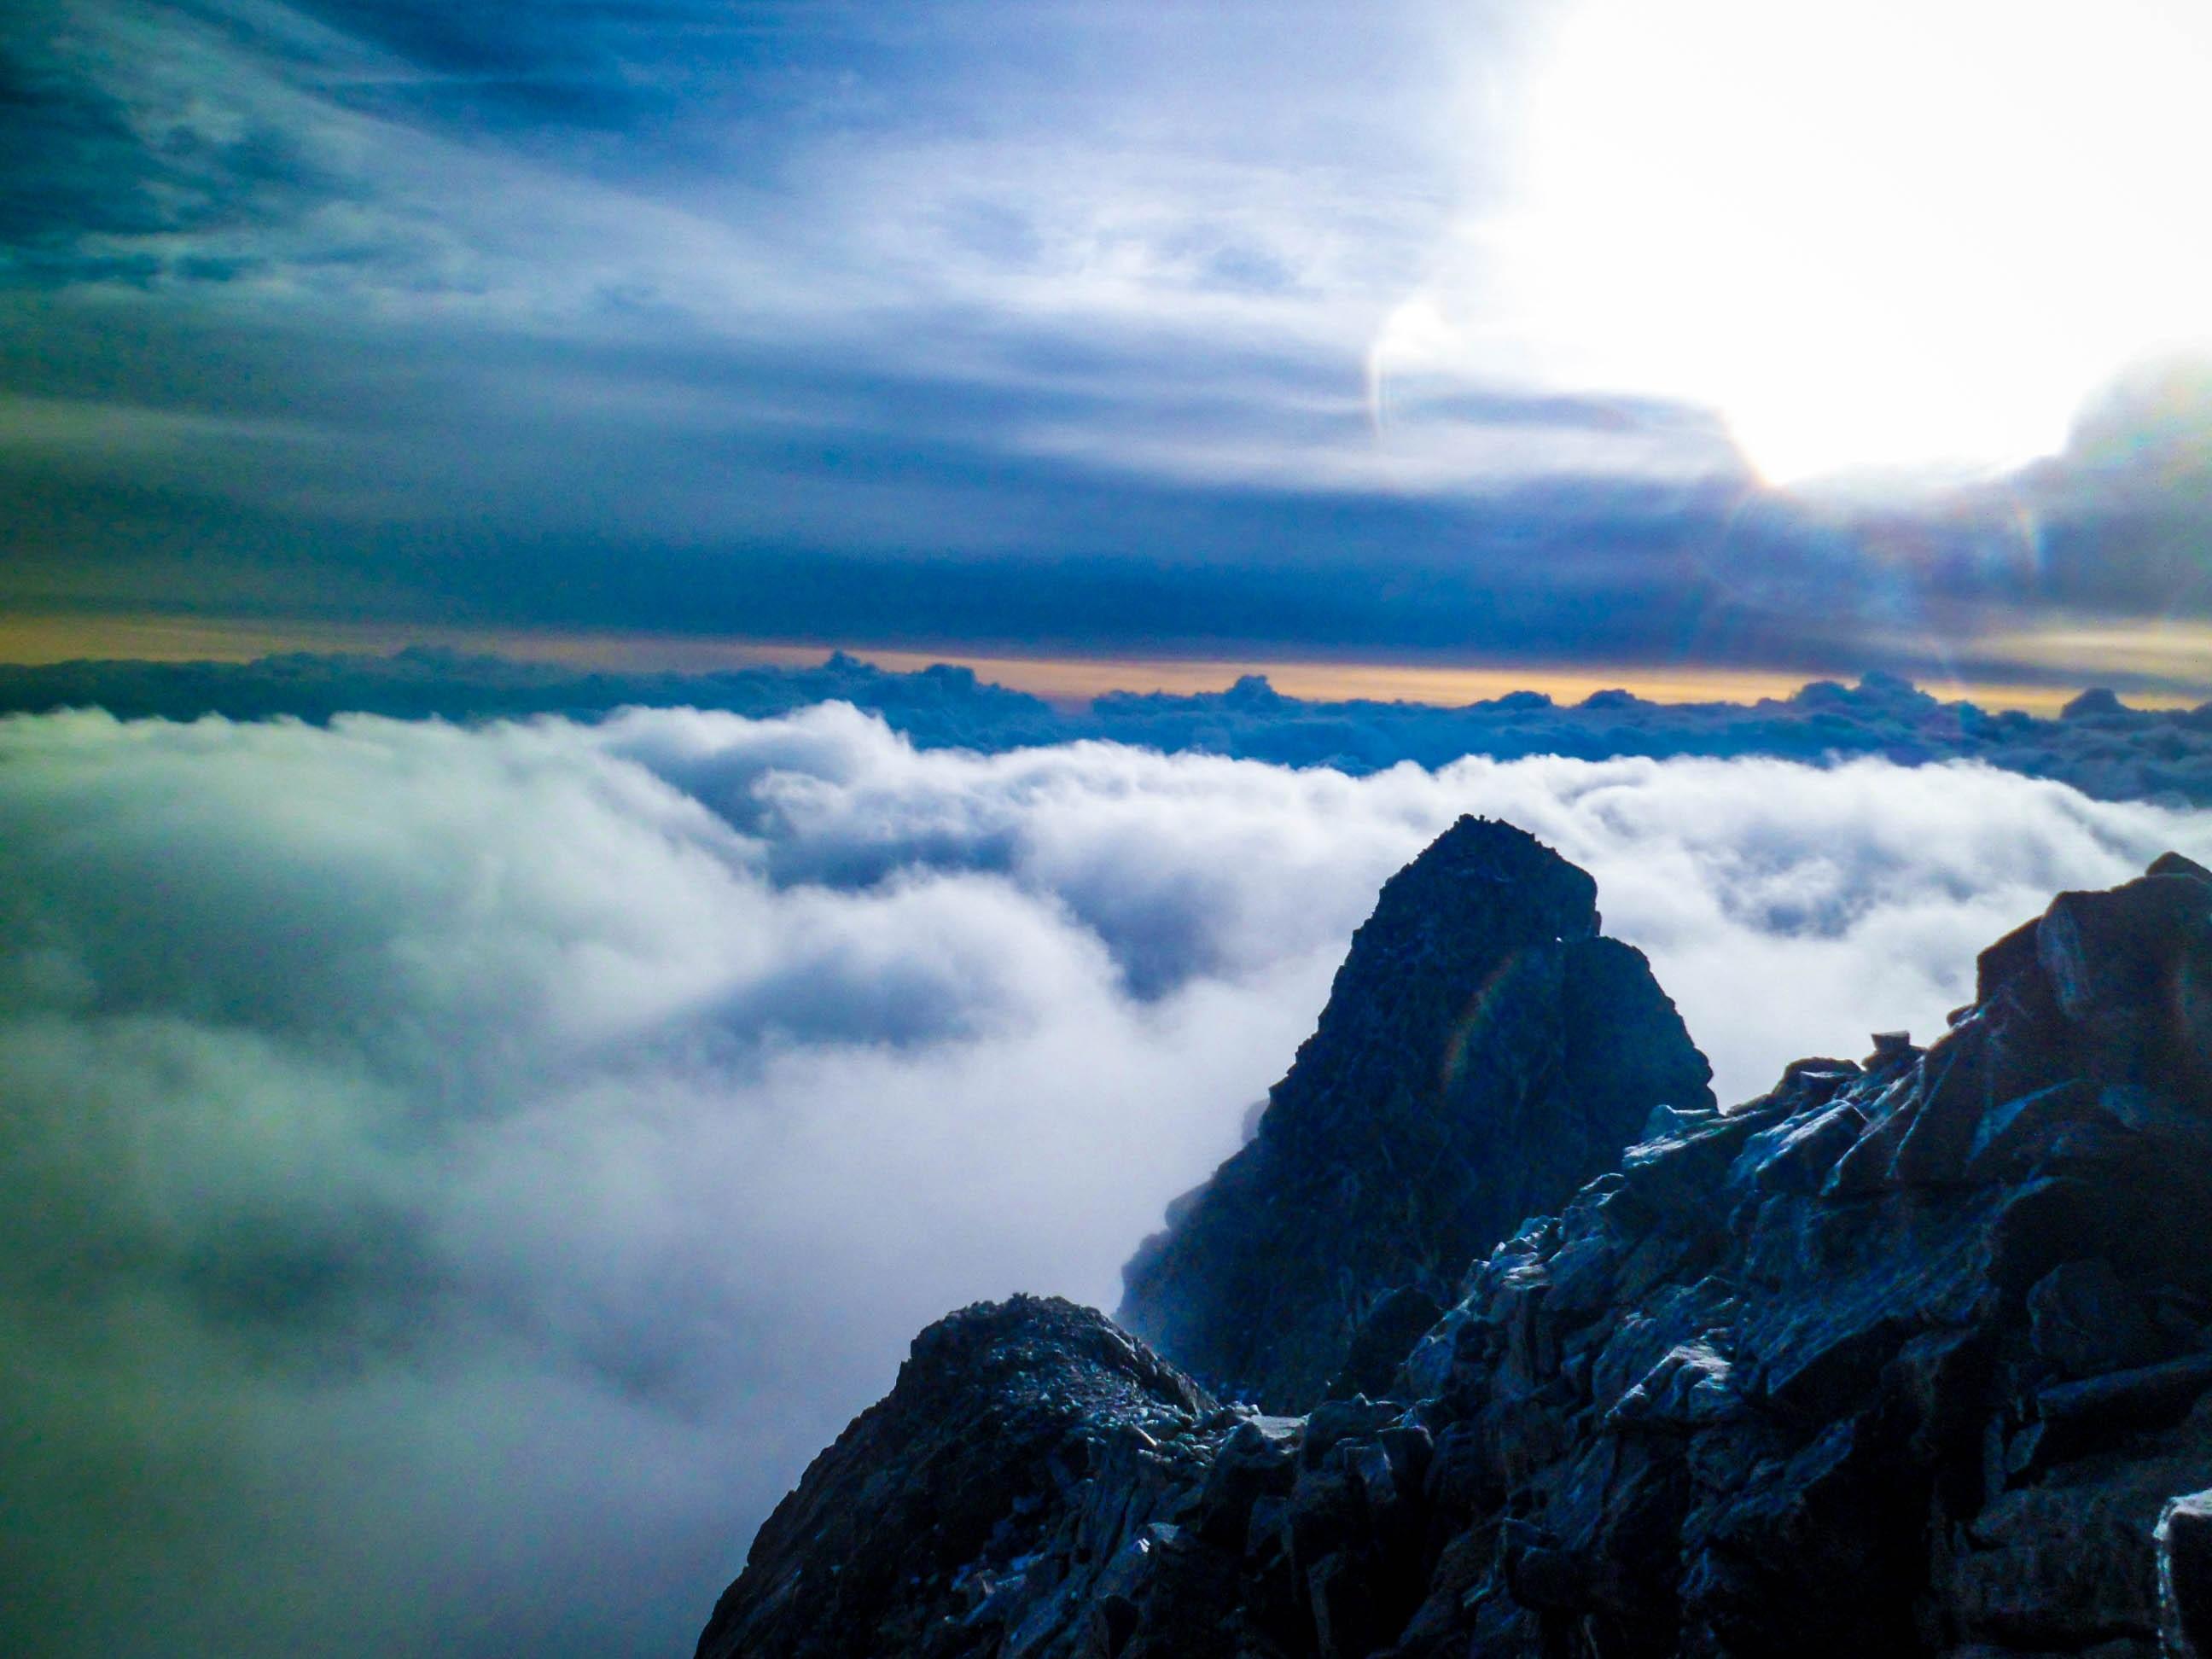 фотографии с горы небо все такие, как